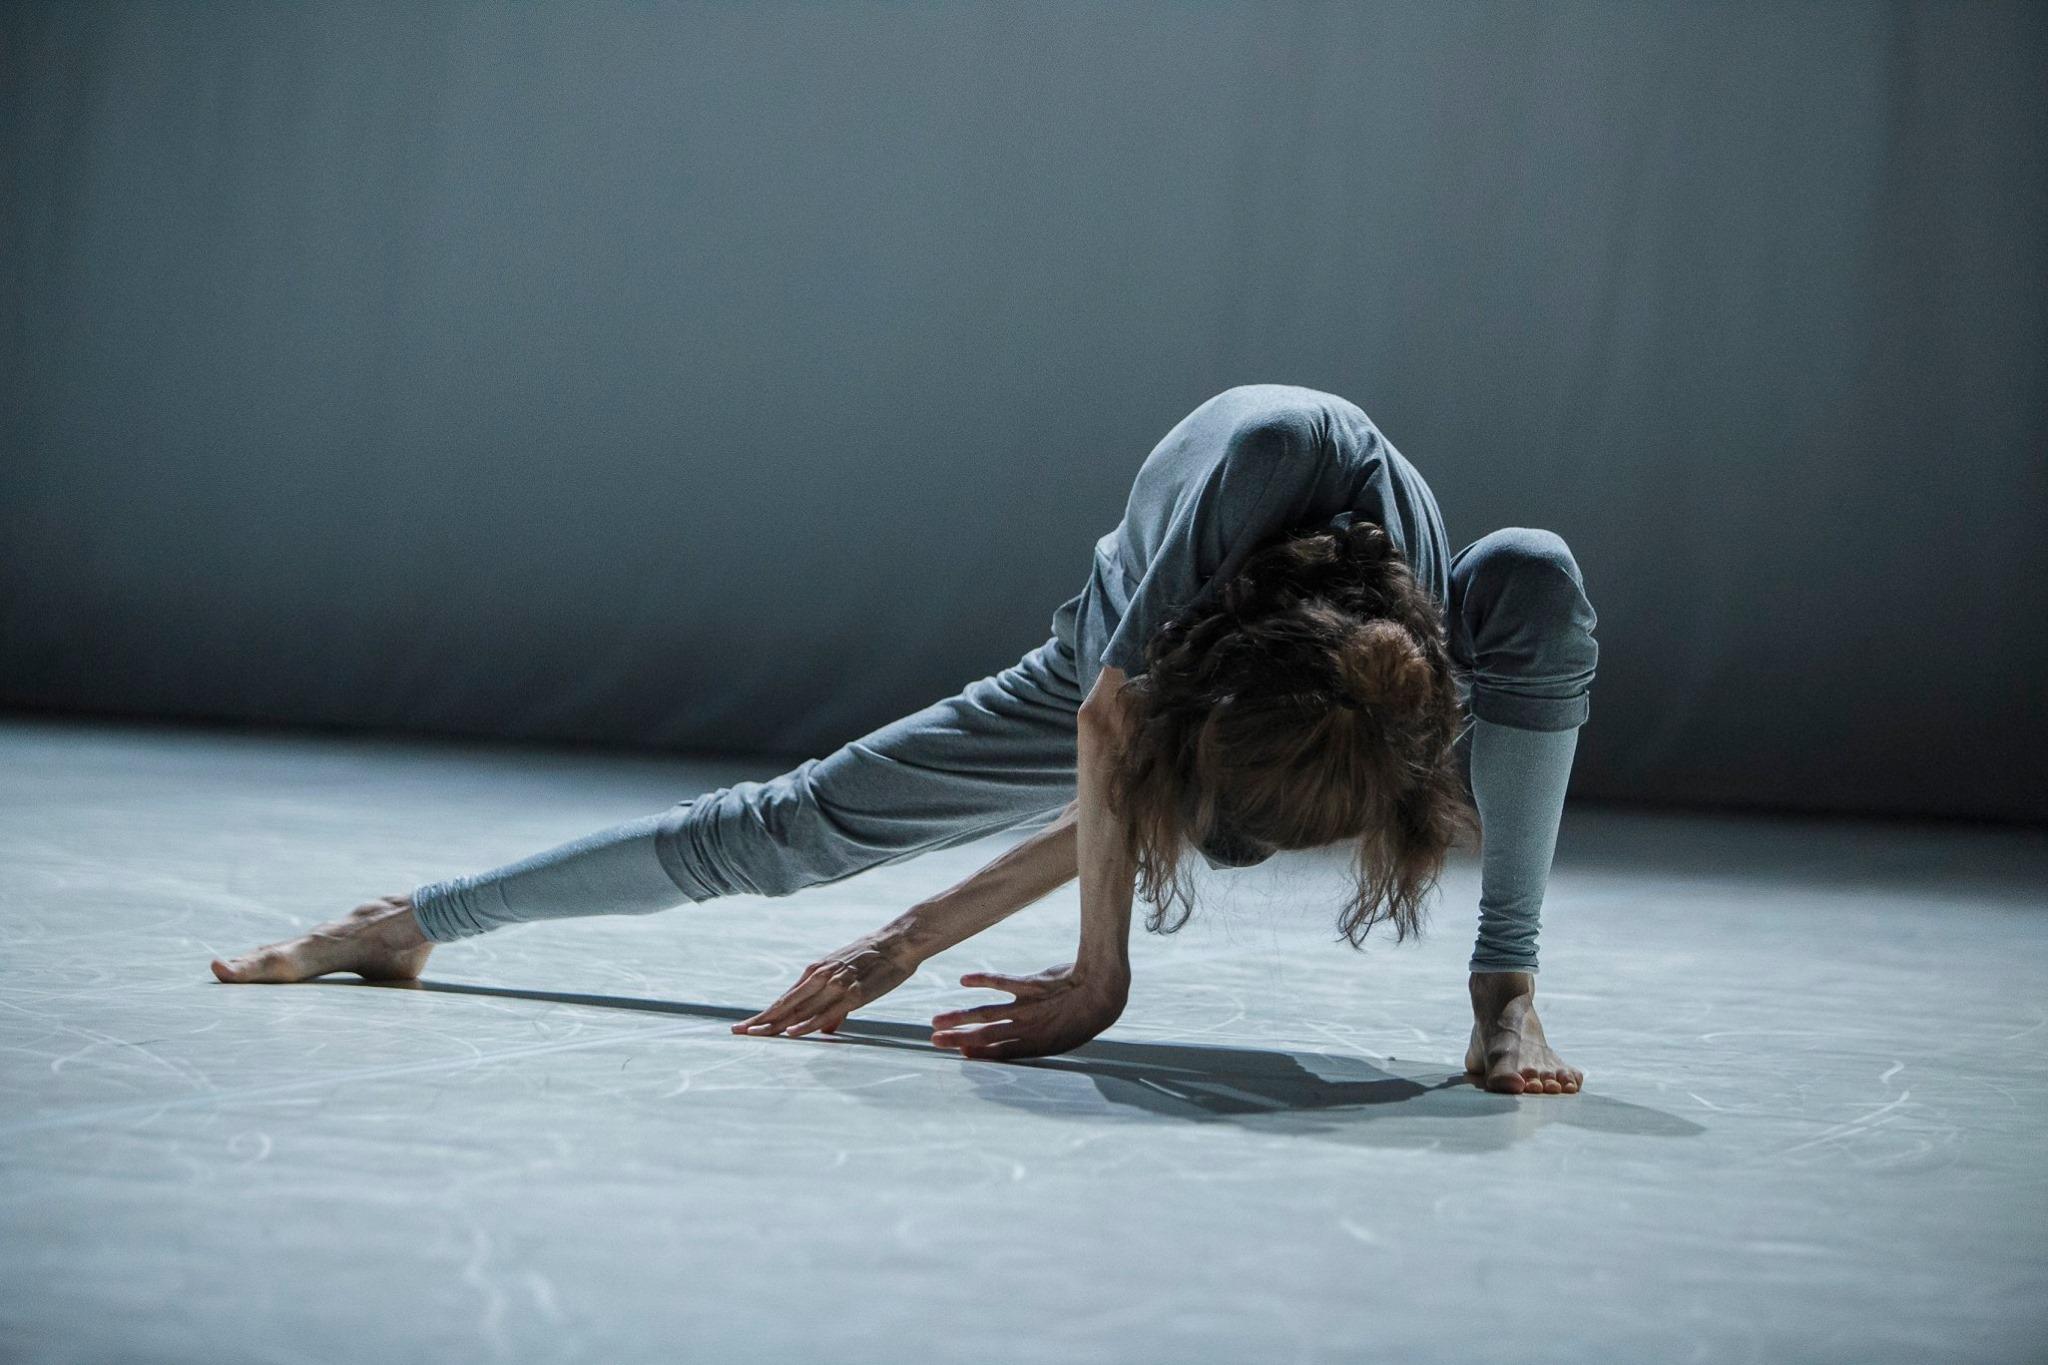 g-force, Solo Dance Contest, fot. Paweł Wyszomirski 1.jpg